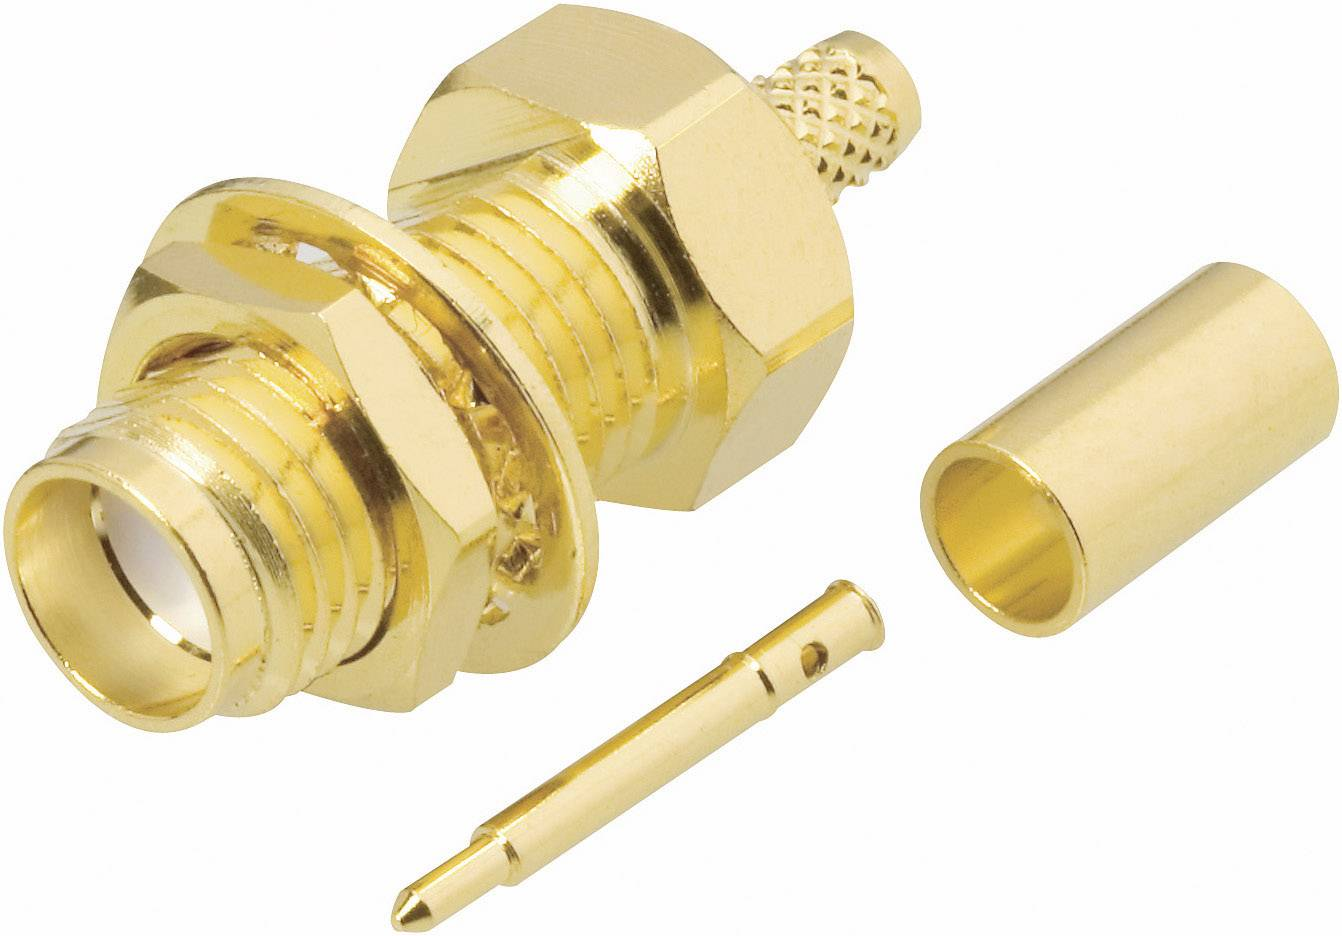 SMA reverzný konektor BKL 419006, 50 Ω, zásuvka vstavaná RG 58